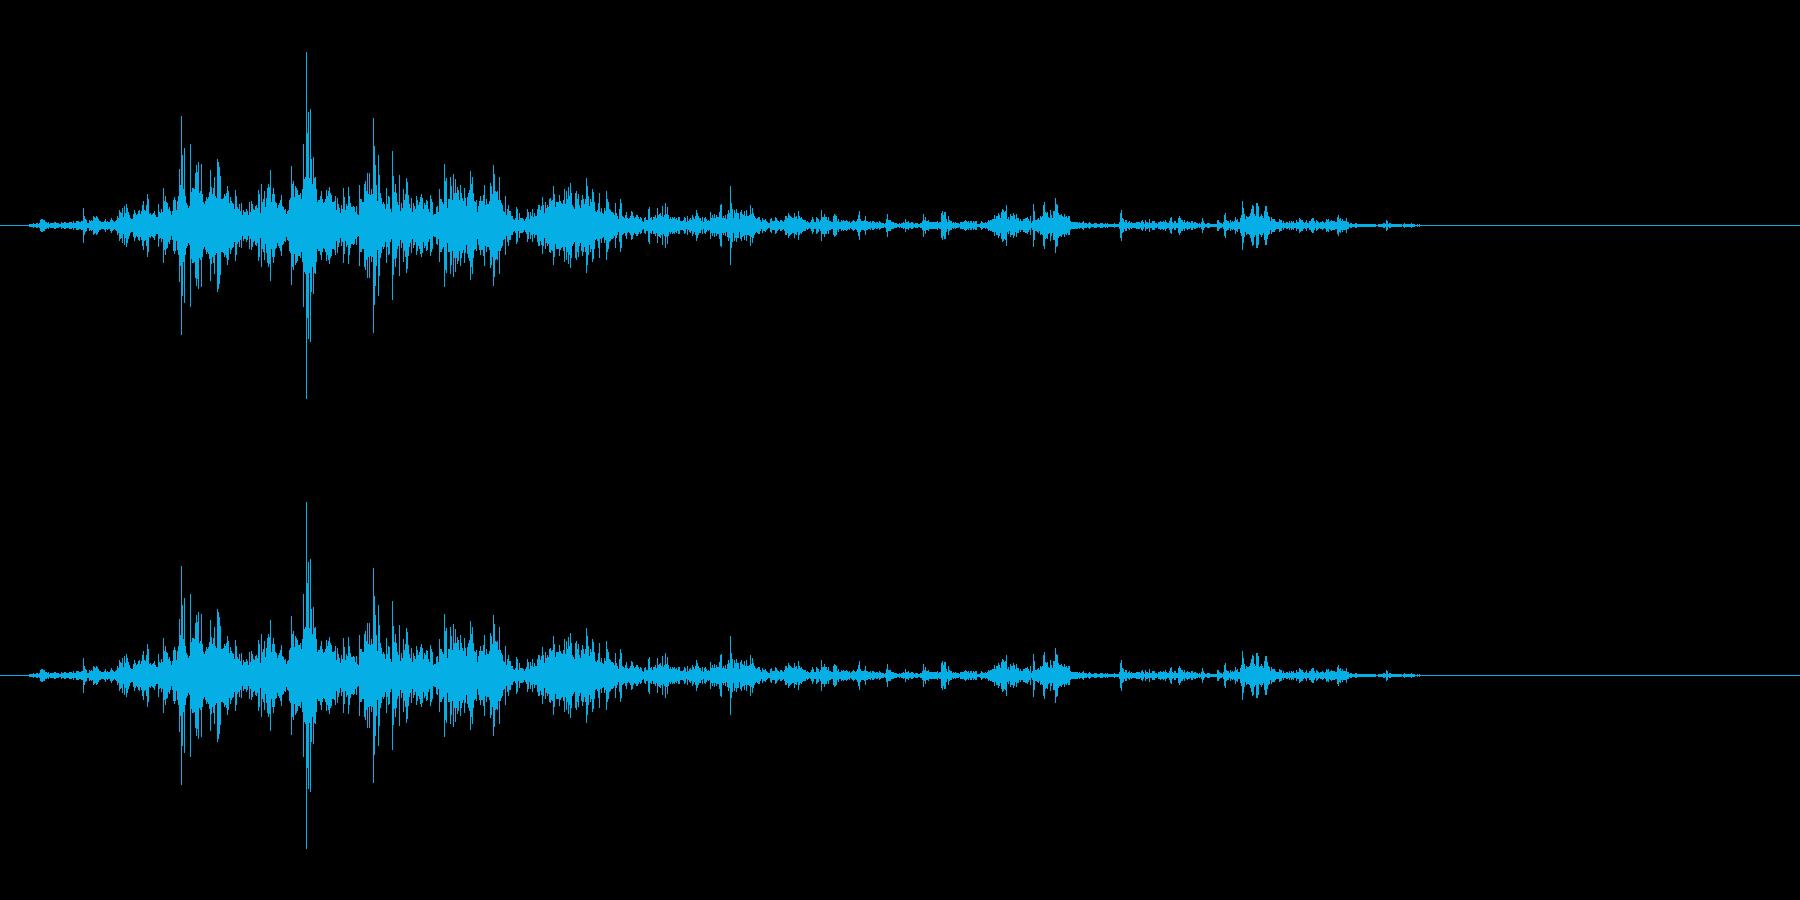 音侍「ガラガラ…」木片シェーカーの振り音の再生済みの波形